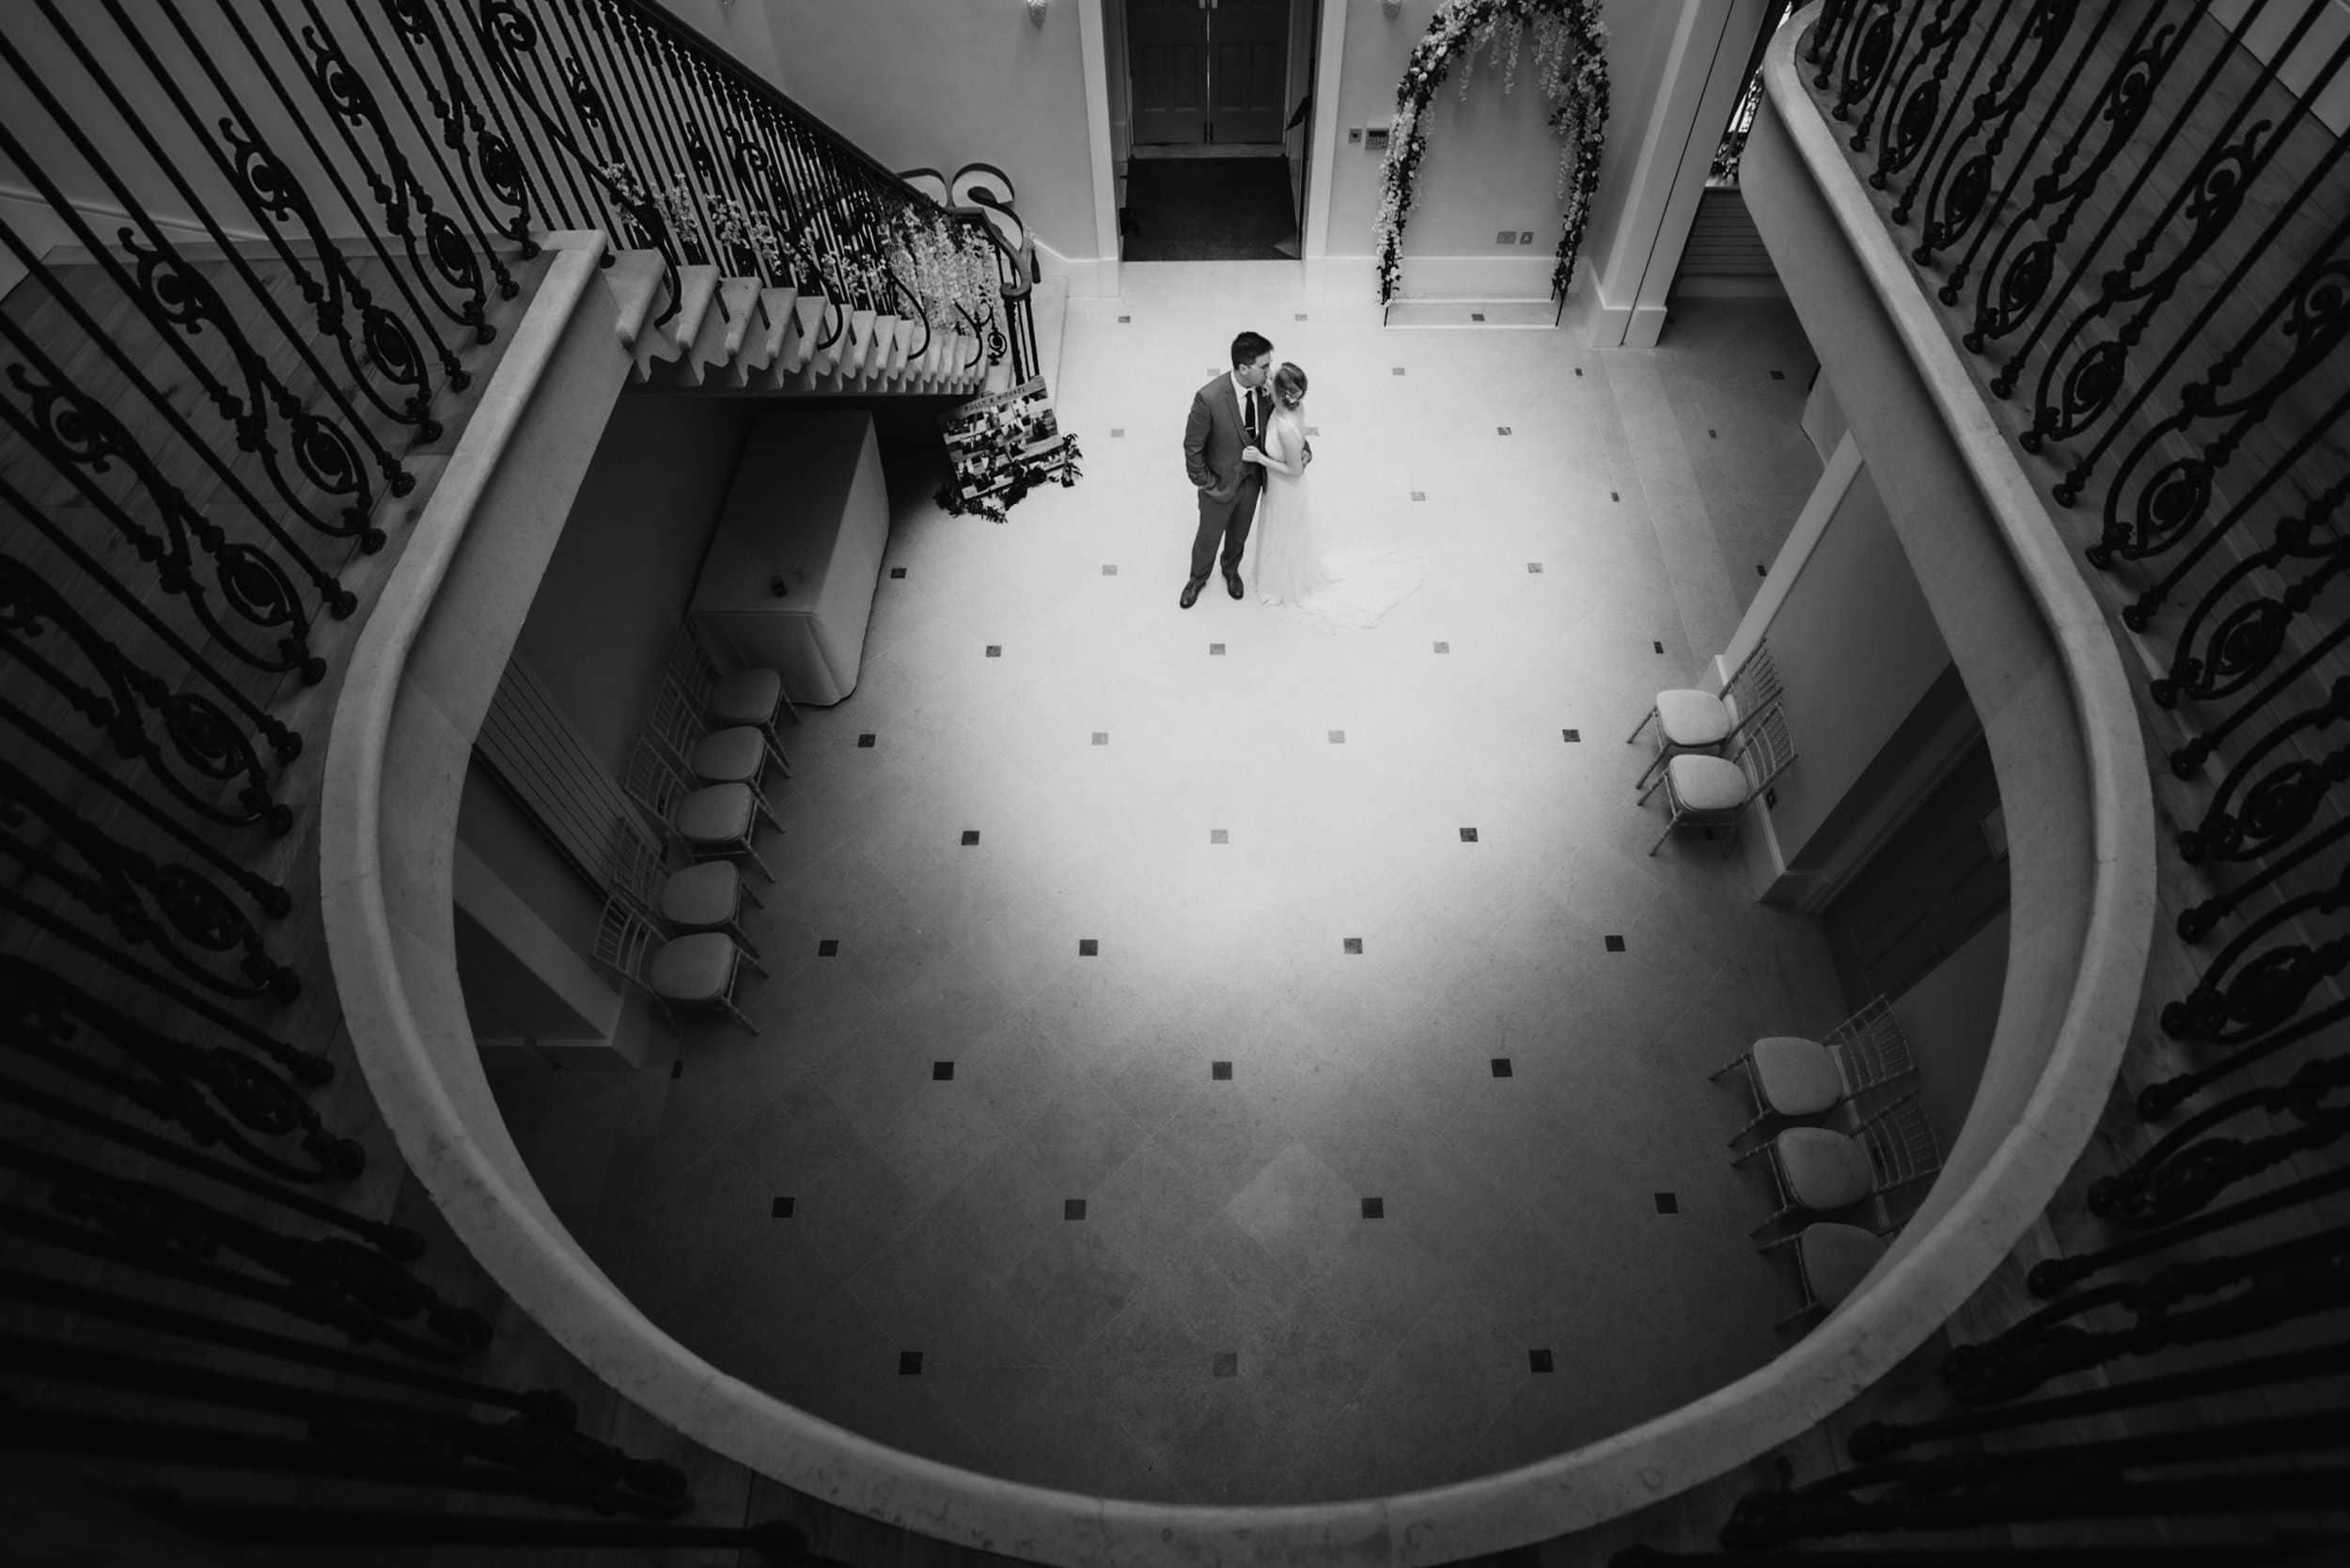 bride and groom standing in elaborate atrium